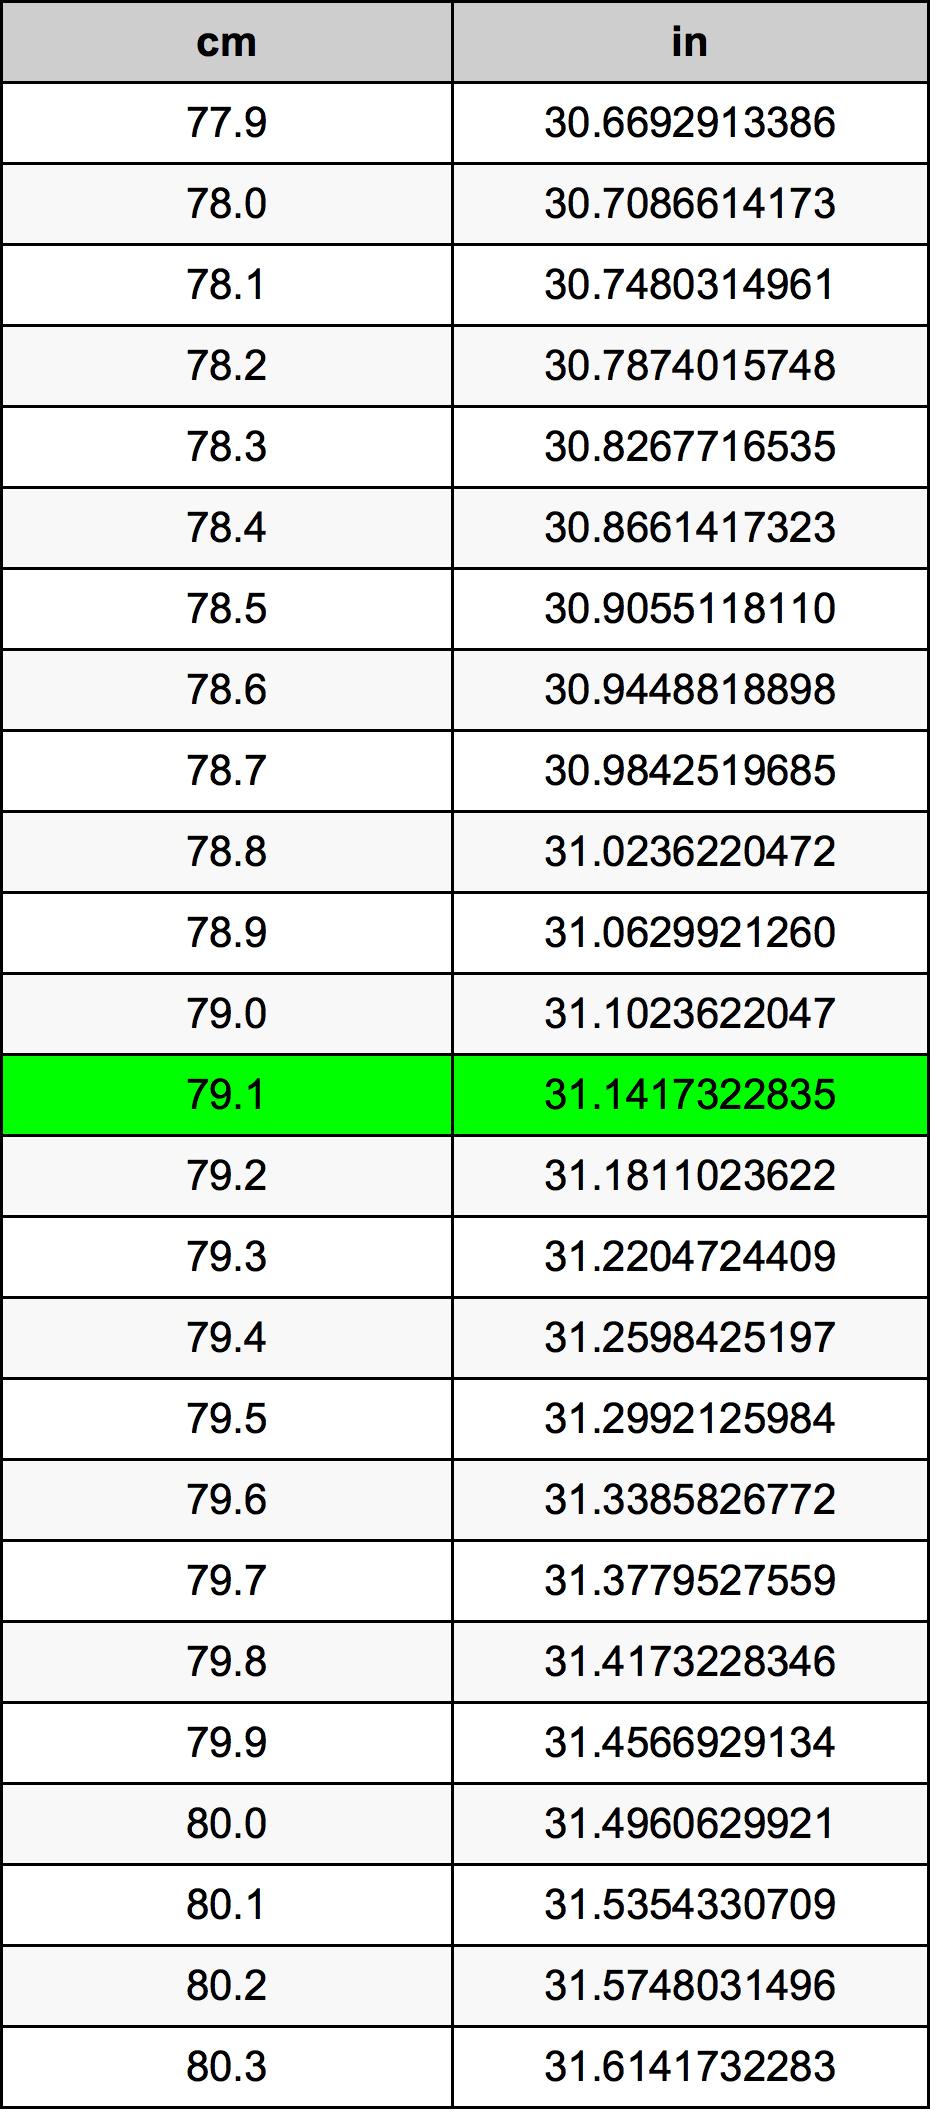 79.1 厘米换算表